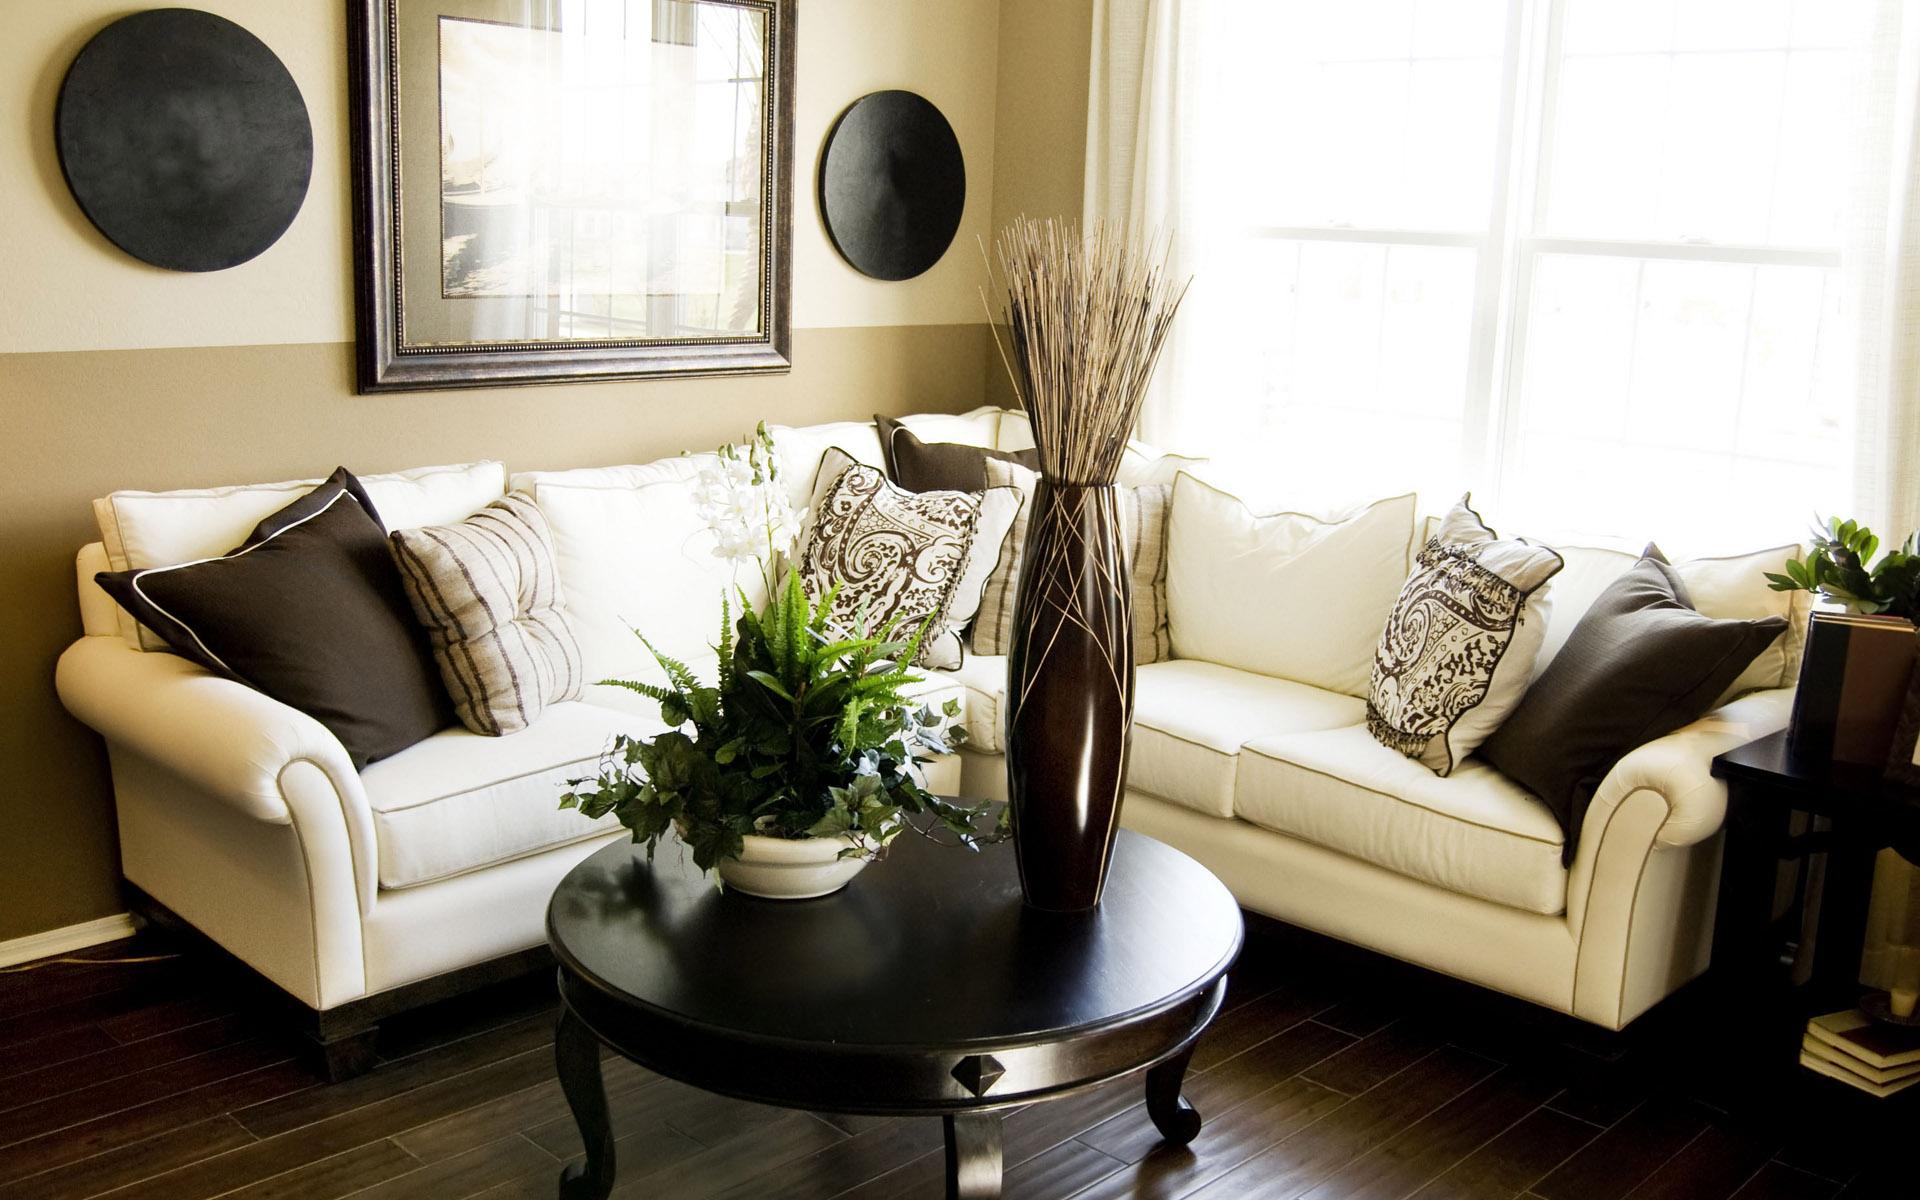 Угловой диван в интерьере дома